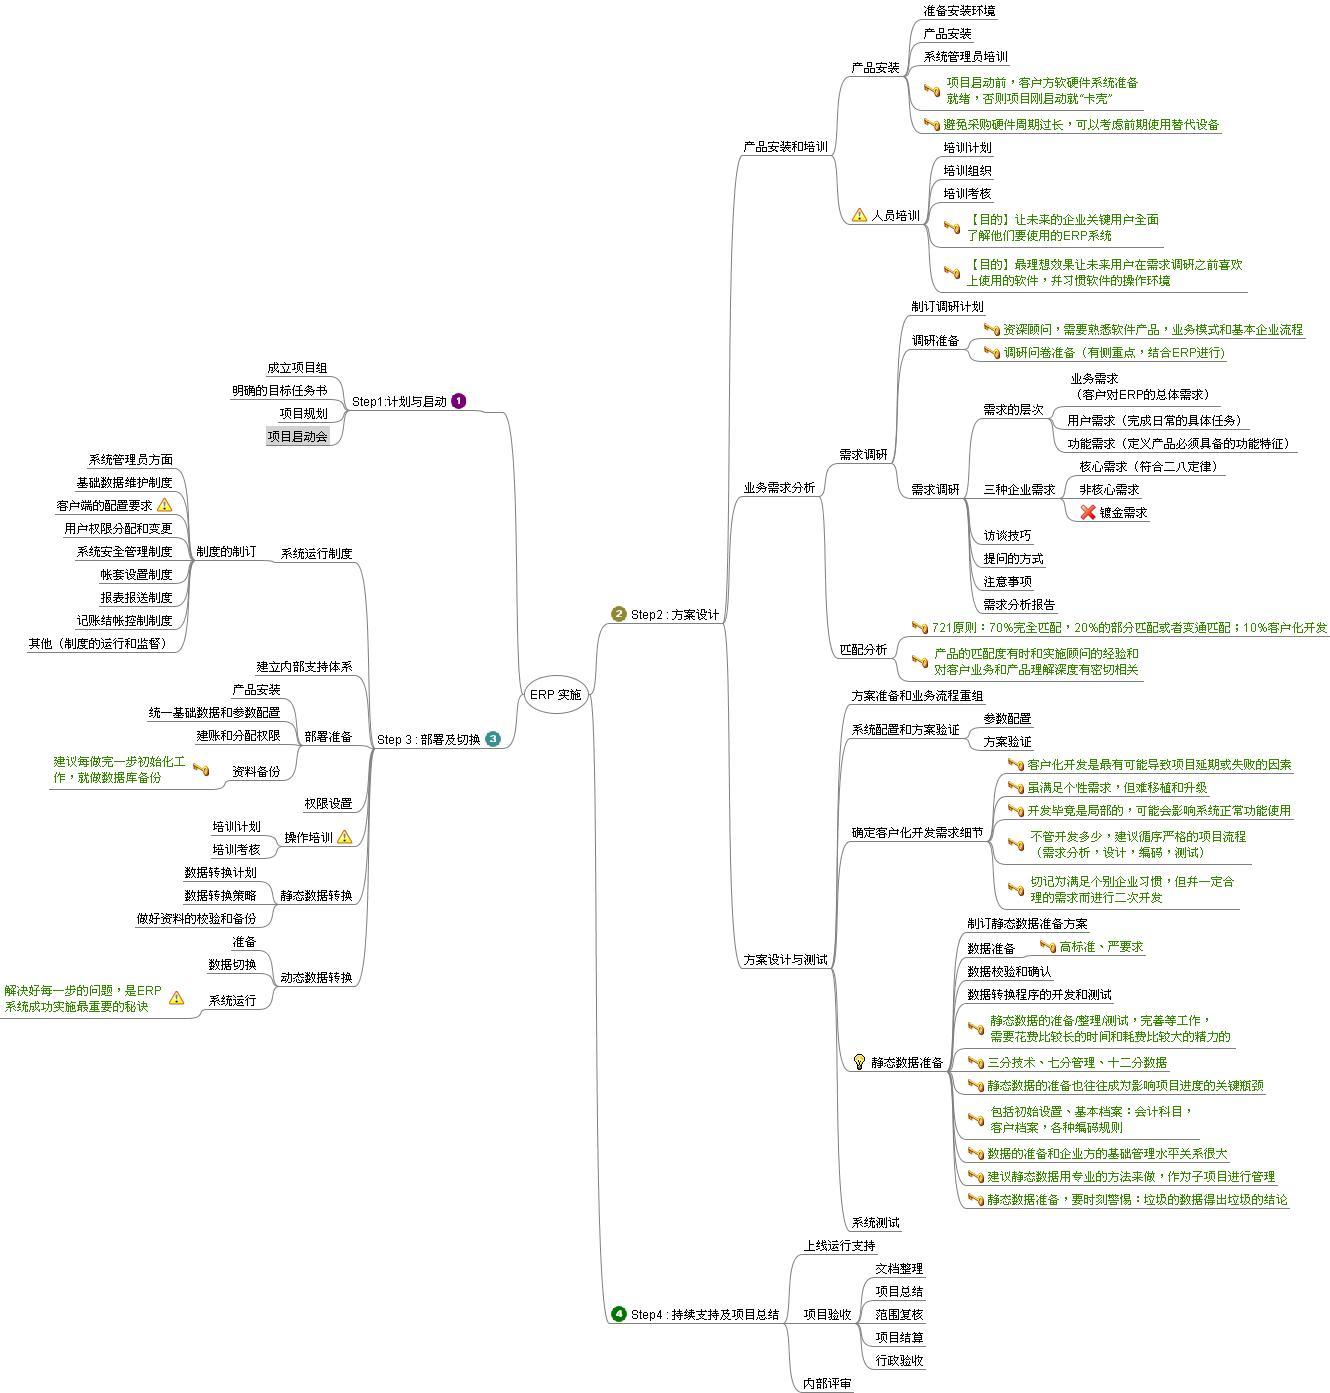 erp项目实施思维导图